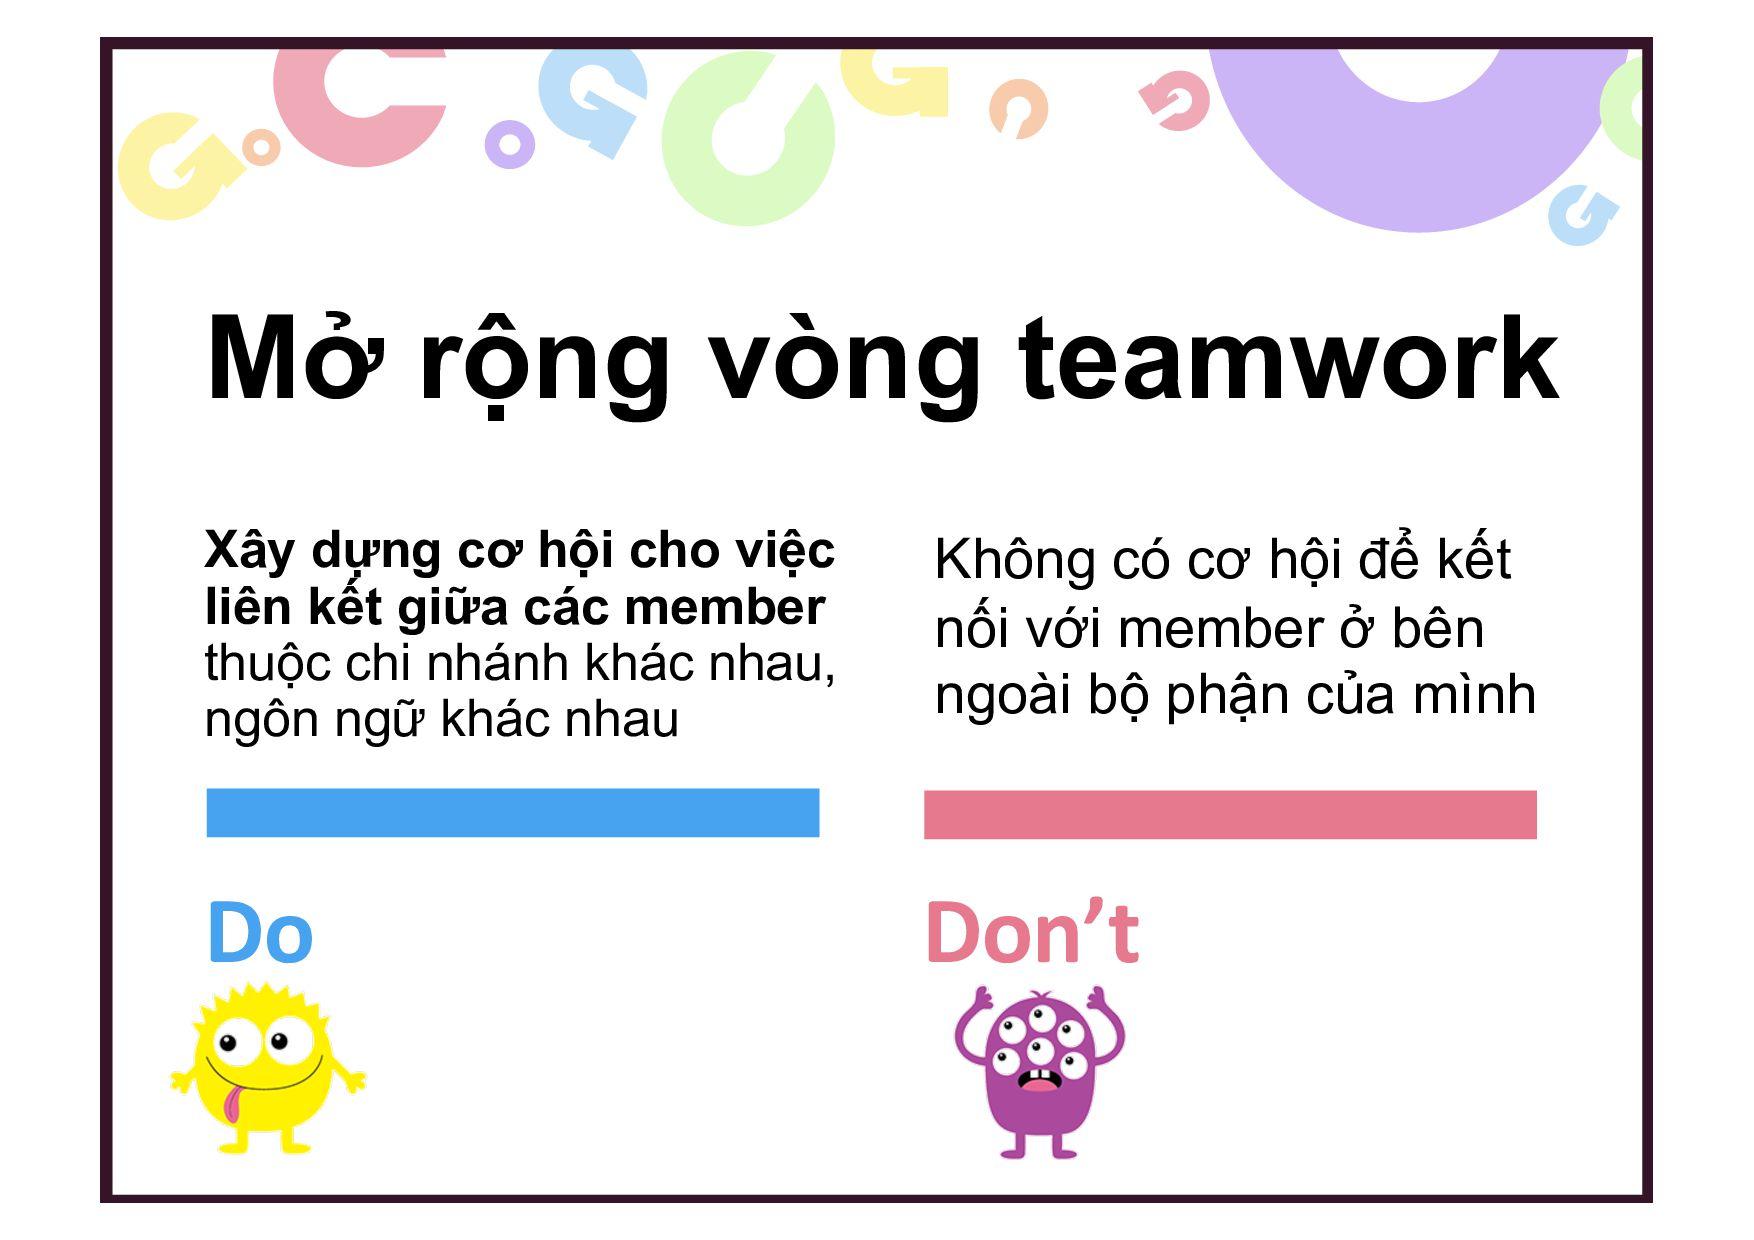 Mở rộng vòng teamwork Xây dựng cơ hội cho việc ...